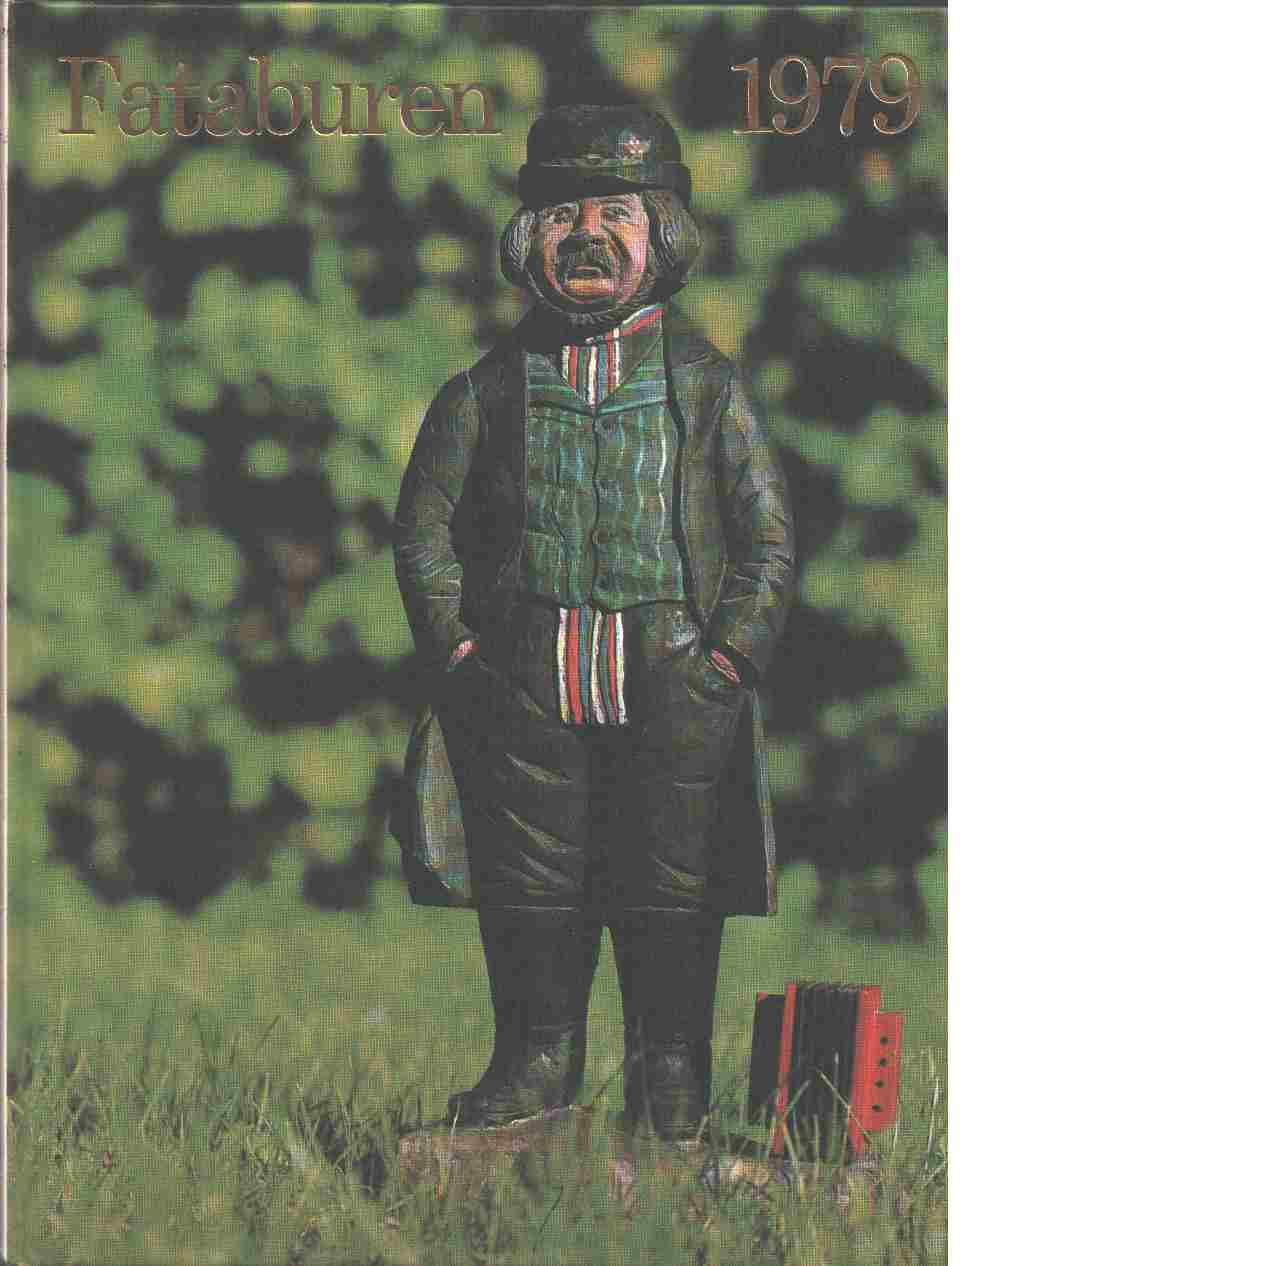 Fataburen : Nordiska museets och Skansens årsbok. 1979 - Red.